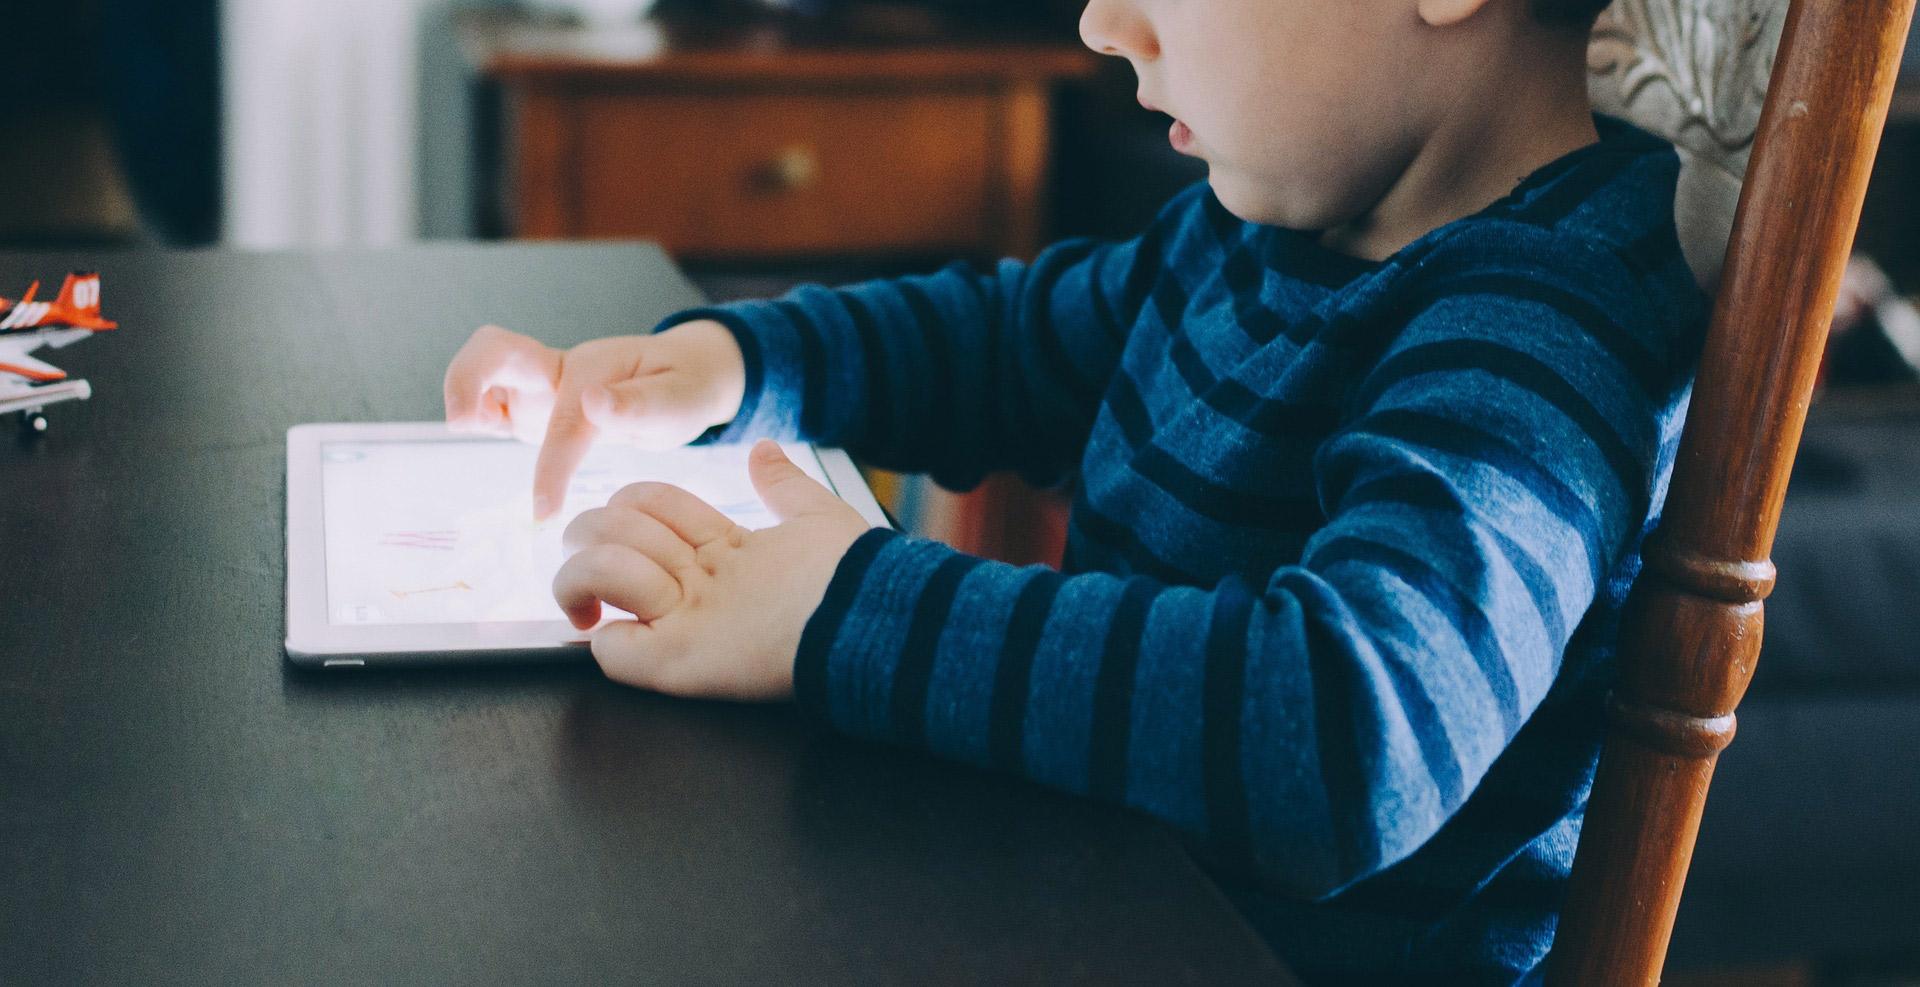 Sobreexposición a pantallas, adictos a la tecnología